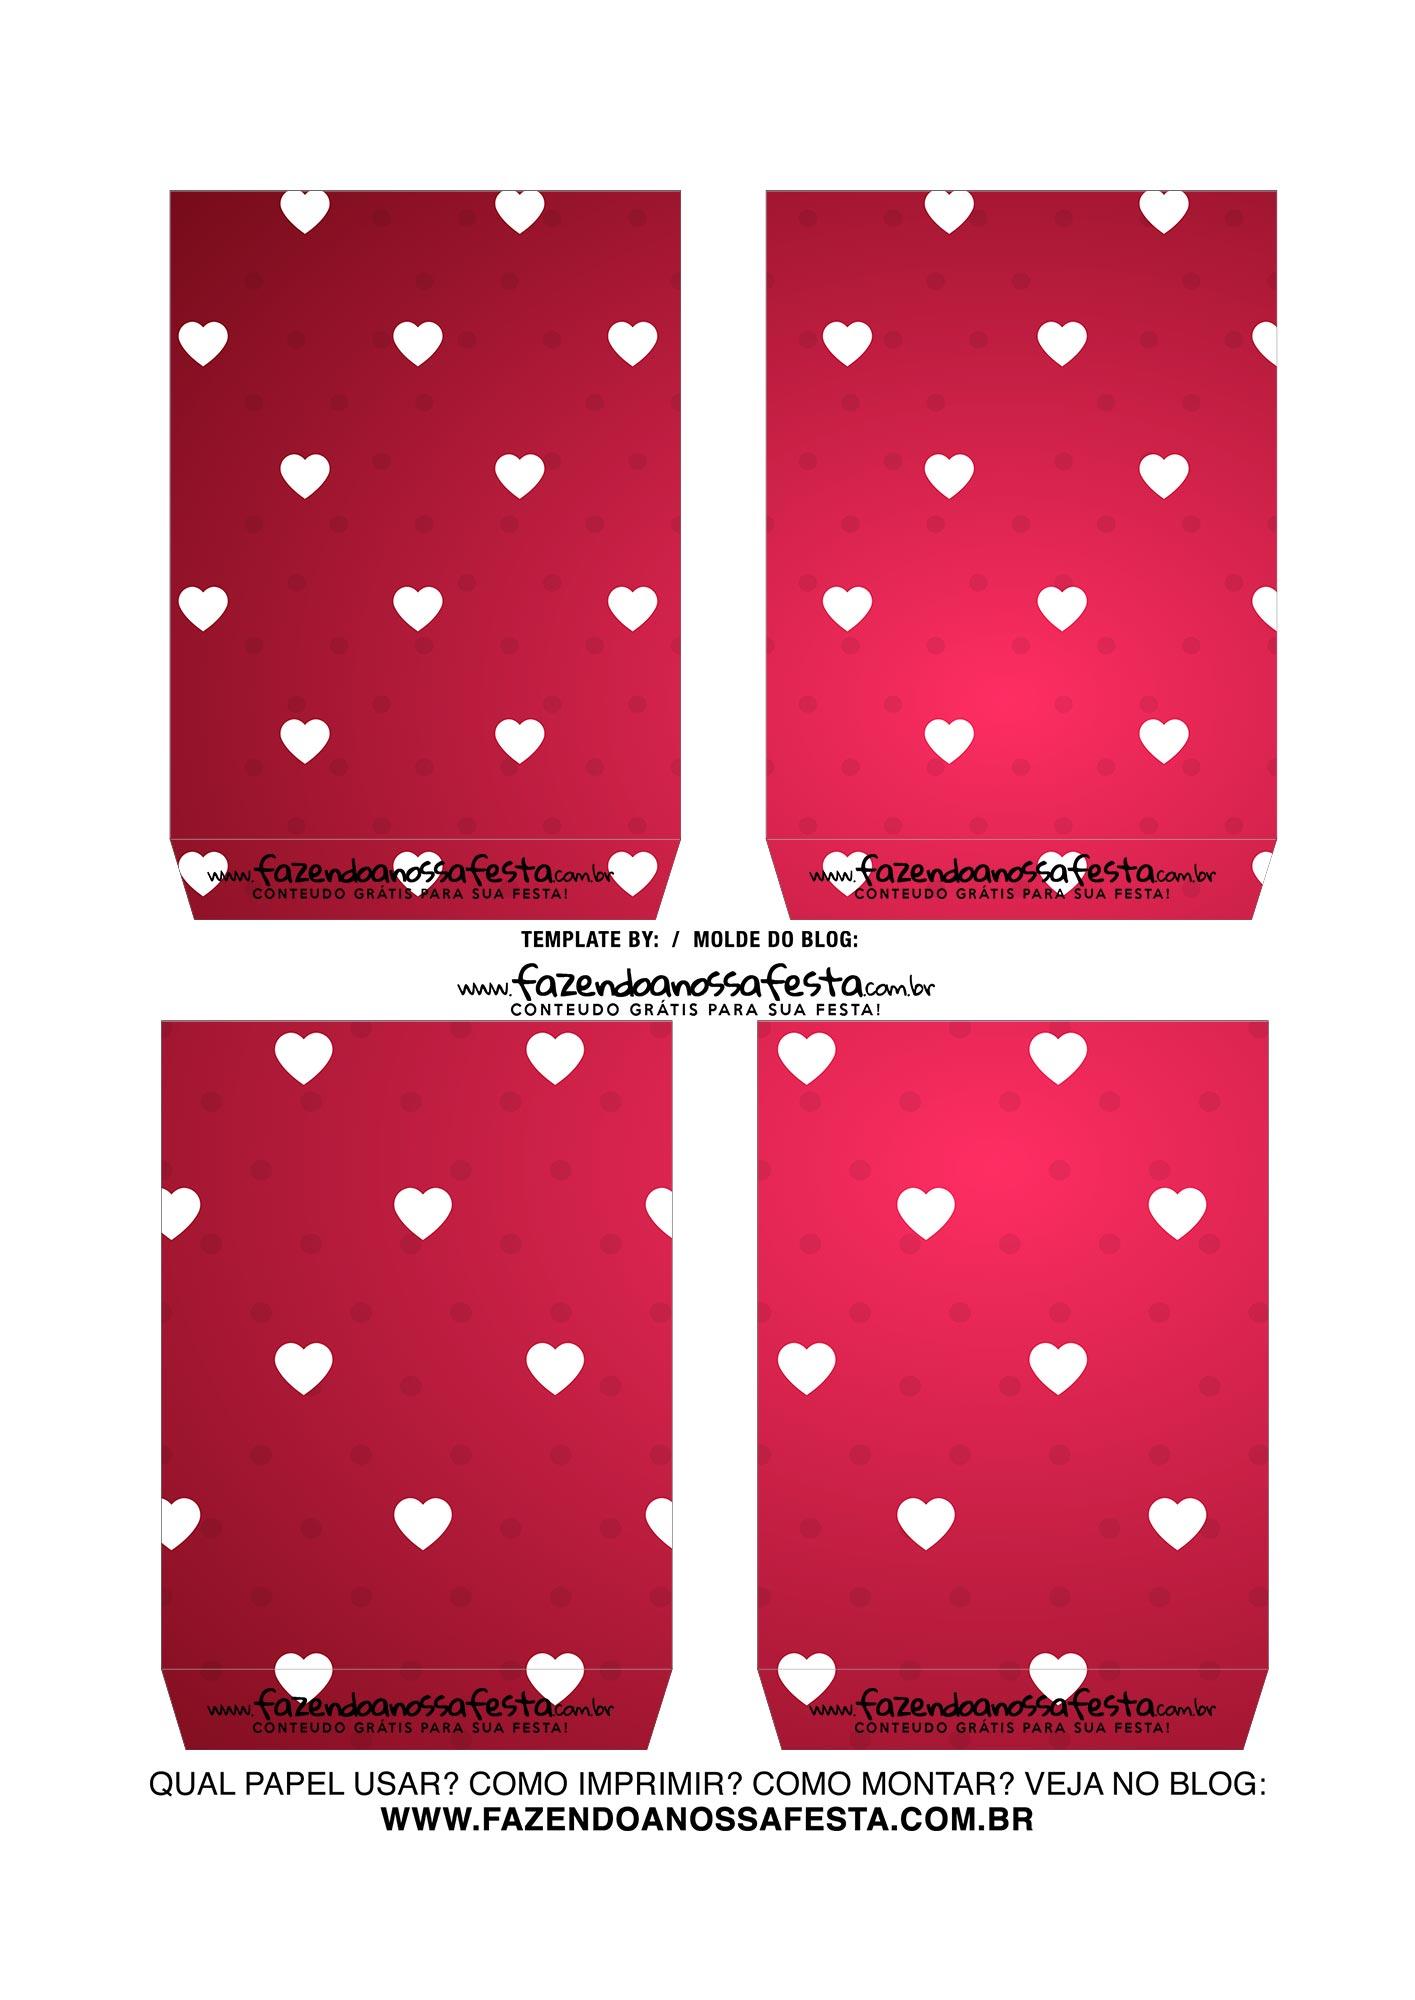 Caixa Explosiva Dia dos Namorados Vermelho Coracoes 4